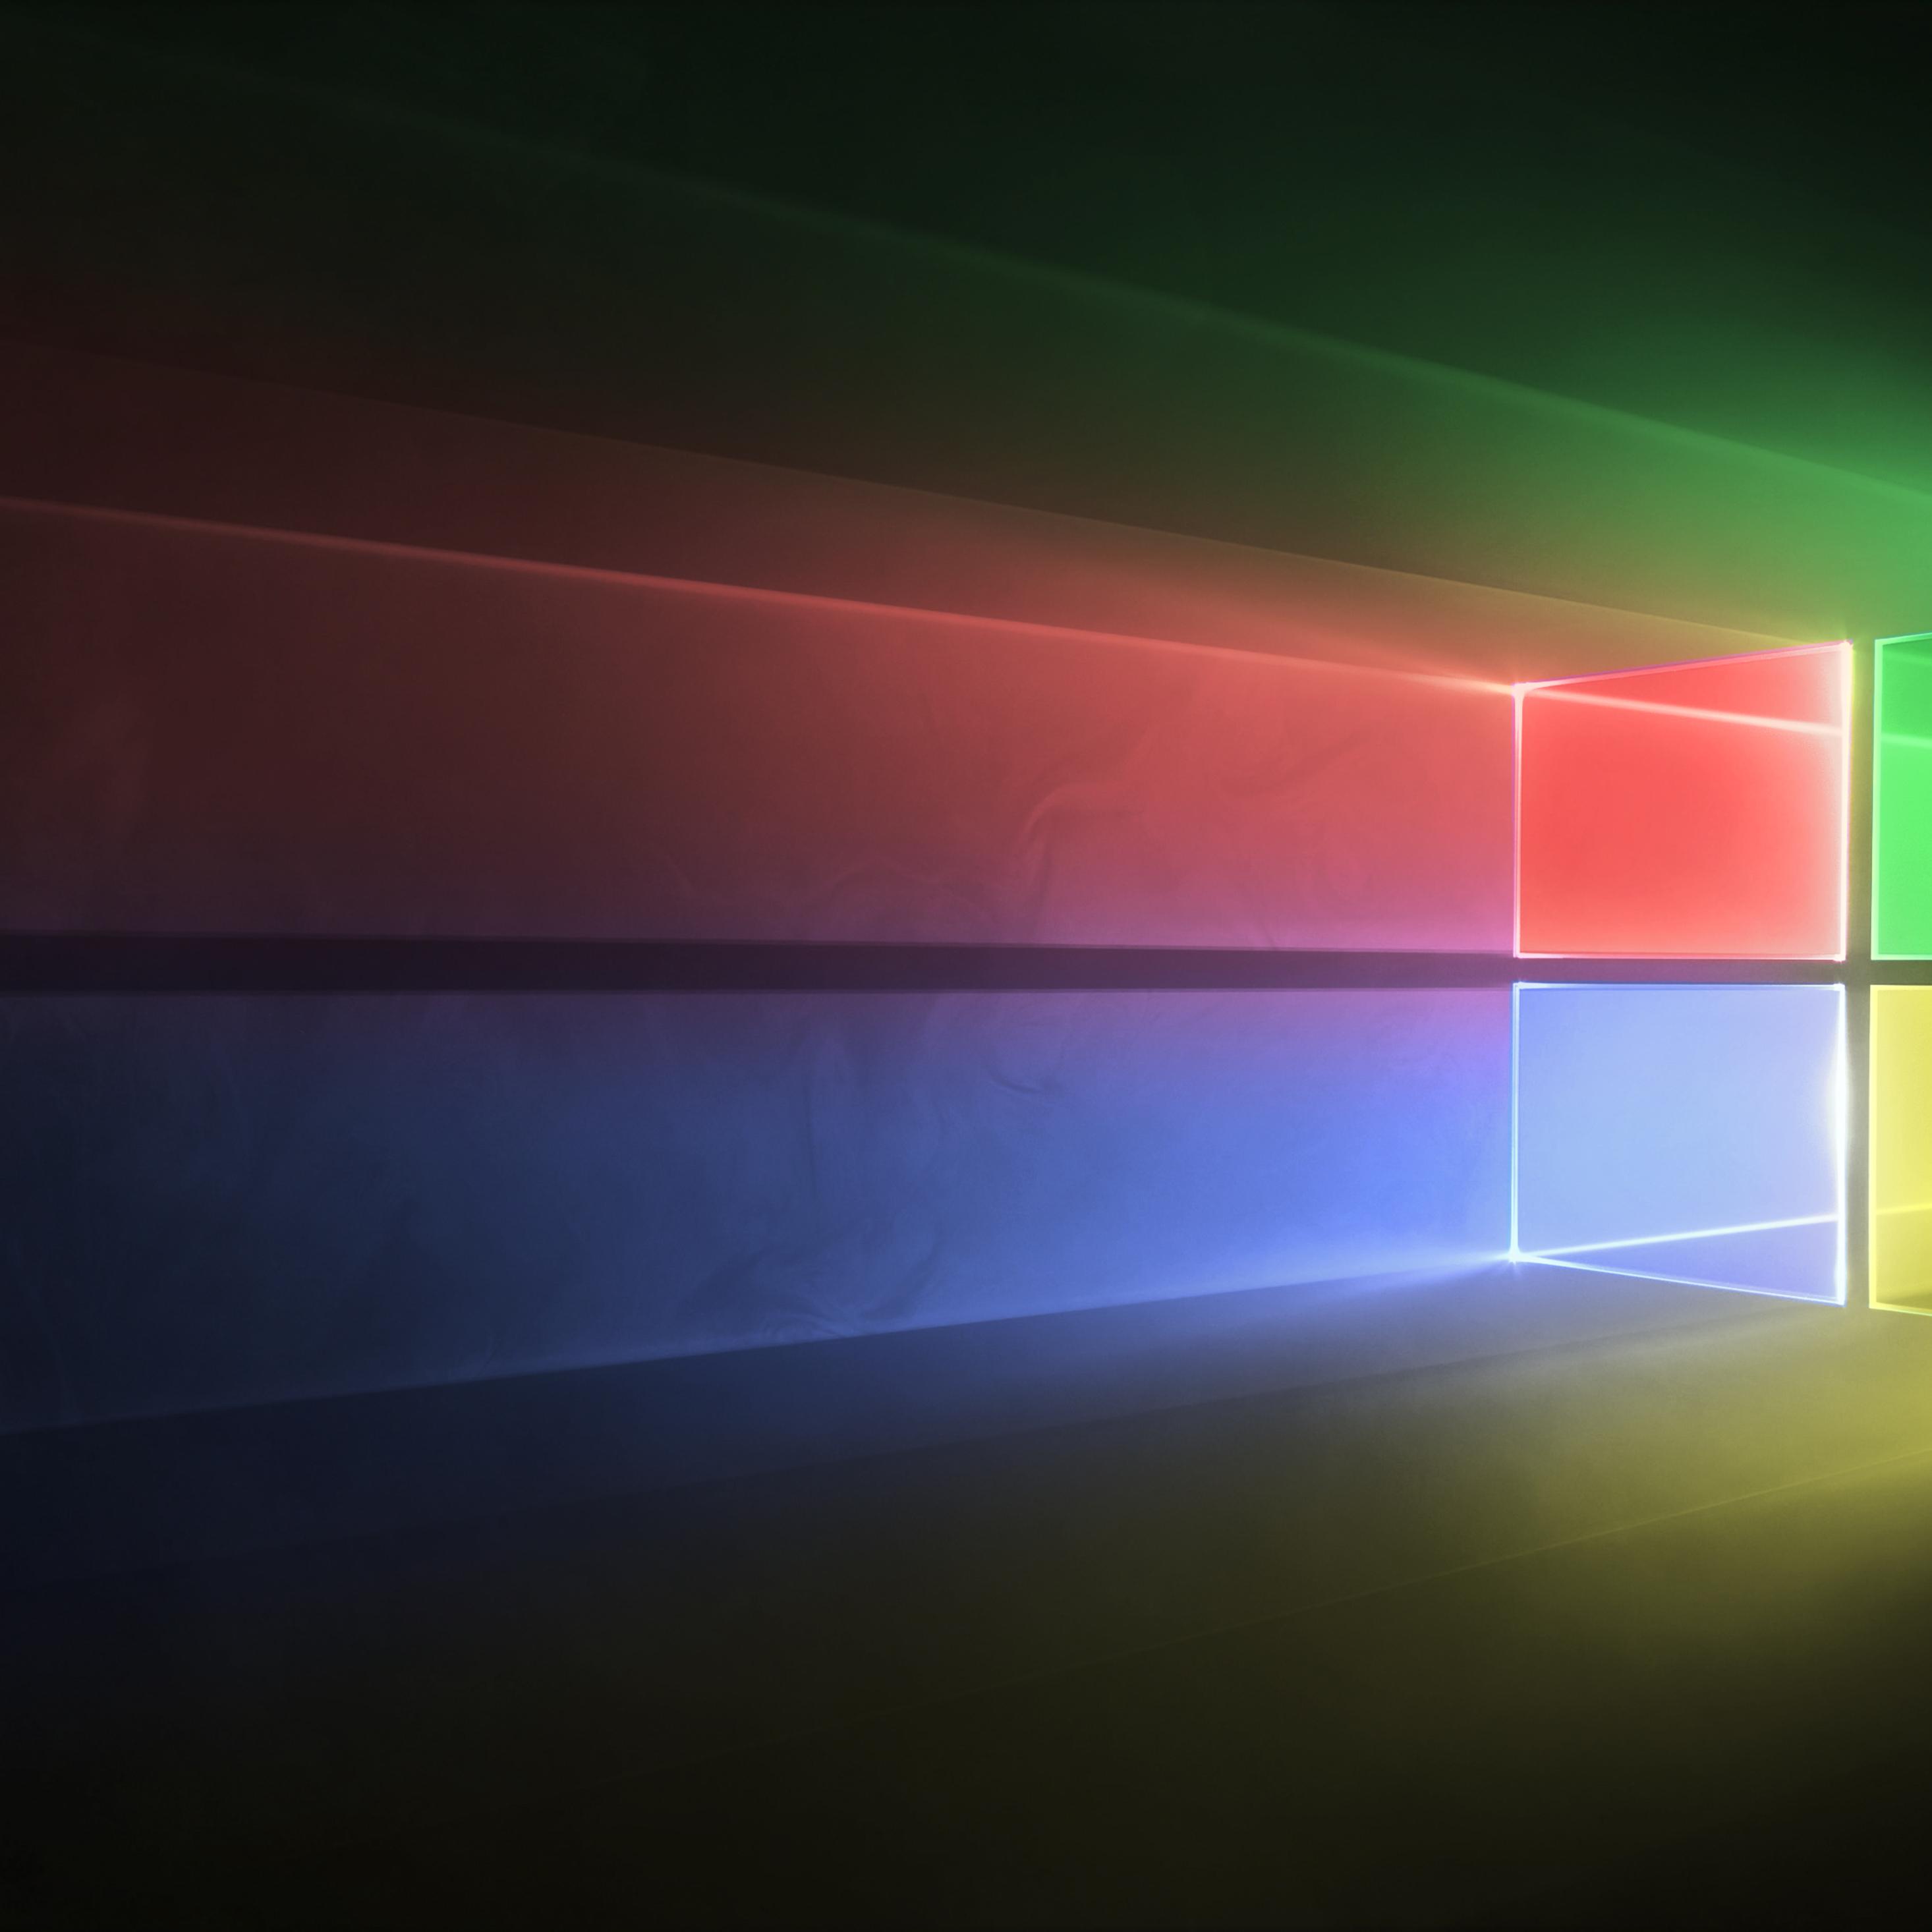 2932x2932 Windows 10 Abstract 4k Ipad Pro Retina Display